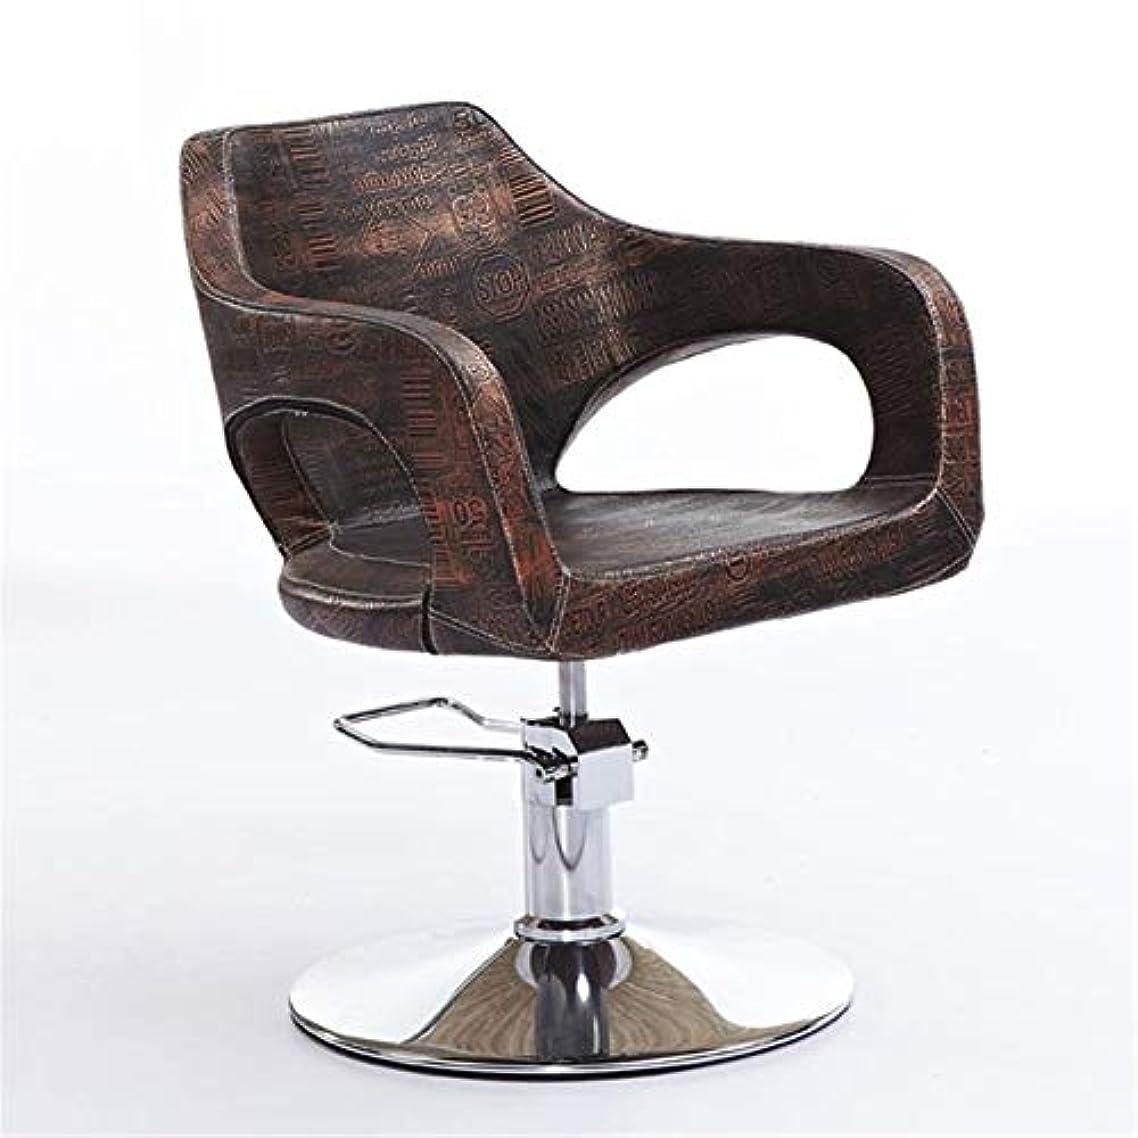 しかしながら浅い受けるサロンチェアファッションヘアサロンチェア美容ヘアカットチェア油圧理髪チェア調節可能な高さ特別なヘアサロン機器,D